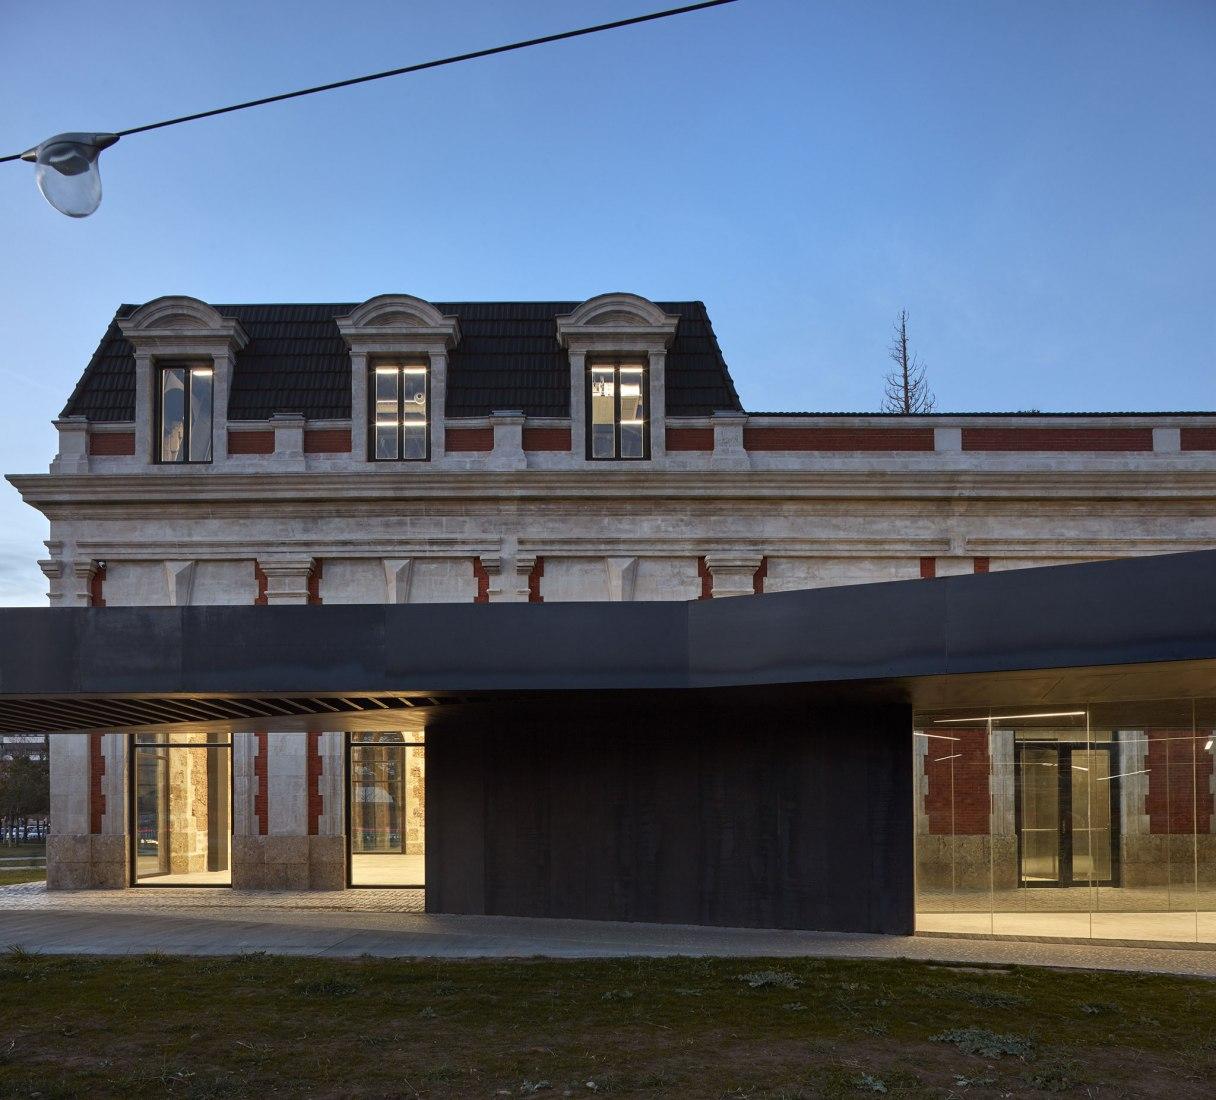 Rehabilitación de la antigua estación de ferrocarril de Burgos por Contell-Martínez Arquitectos. Fotografía © Mariela Apollonio